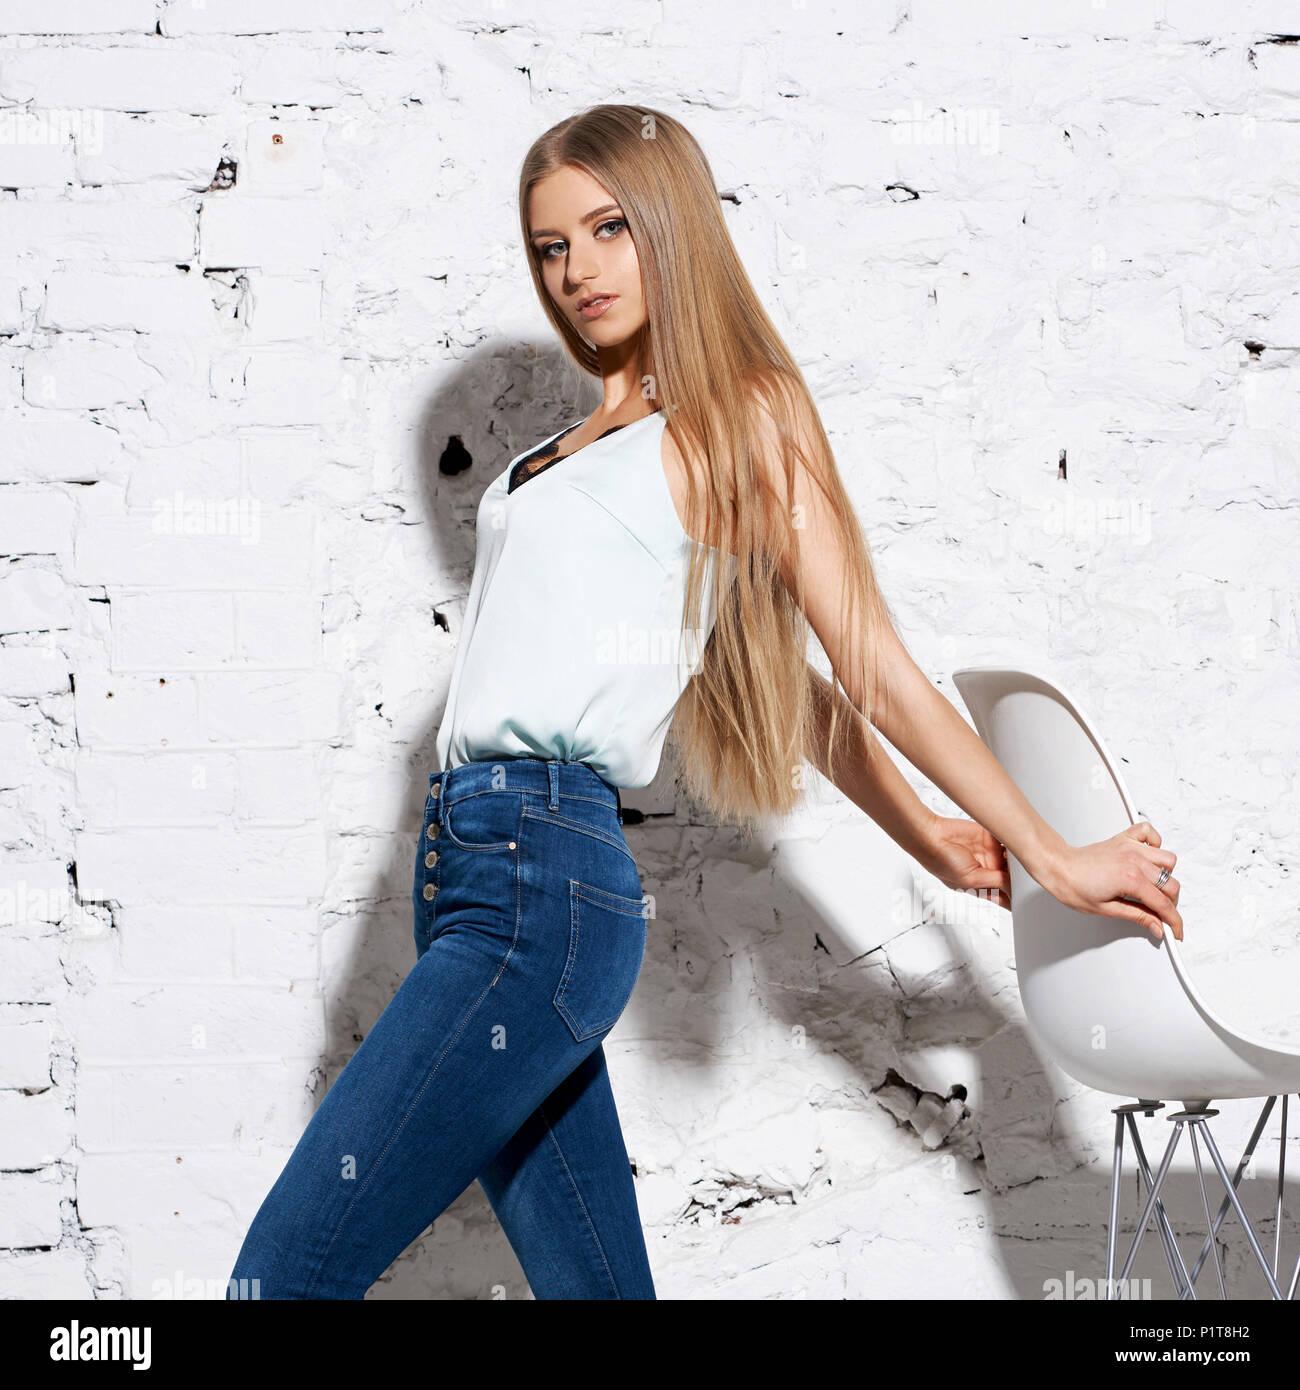 67e4f9cded9a5e Junge schöne Frau mit langen, geraden blondes Haar in Blue Jeans und hellen  Bluse stehend